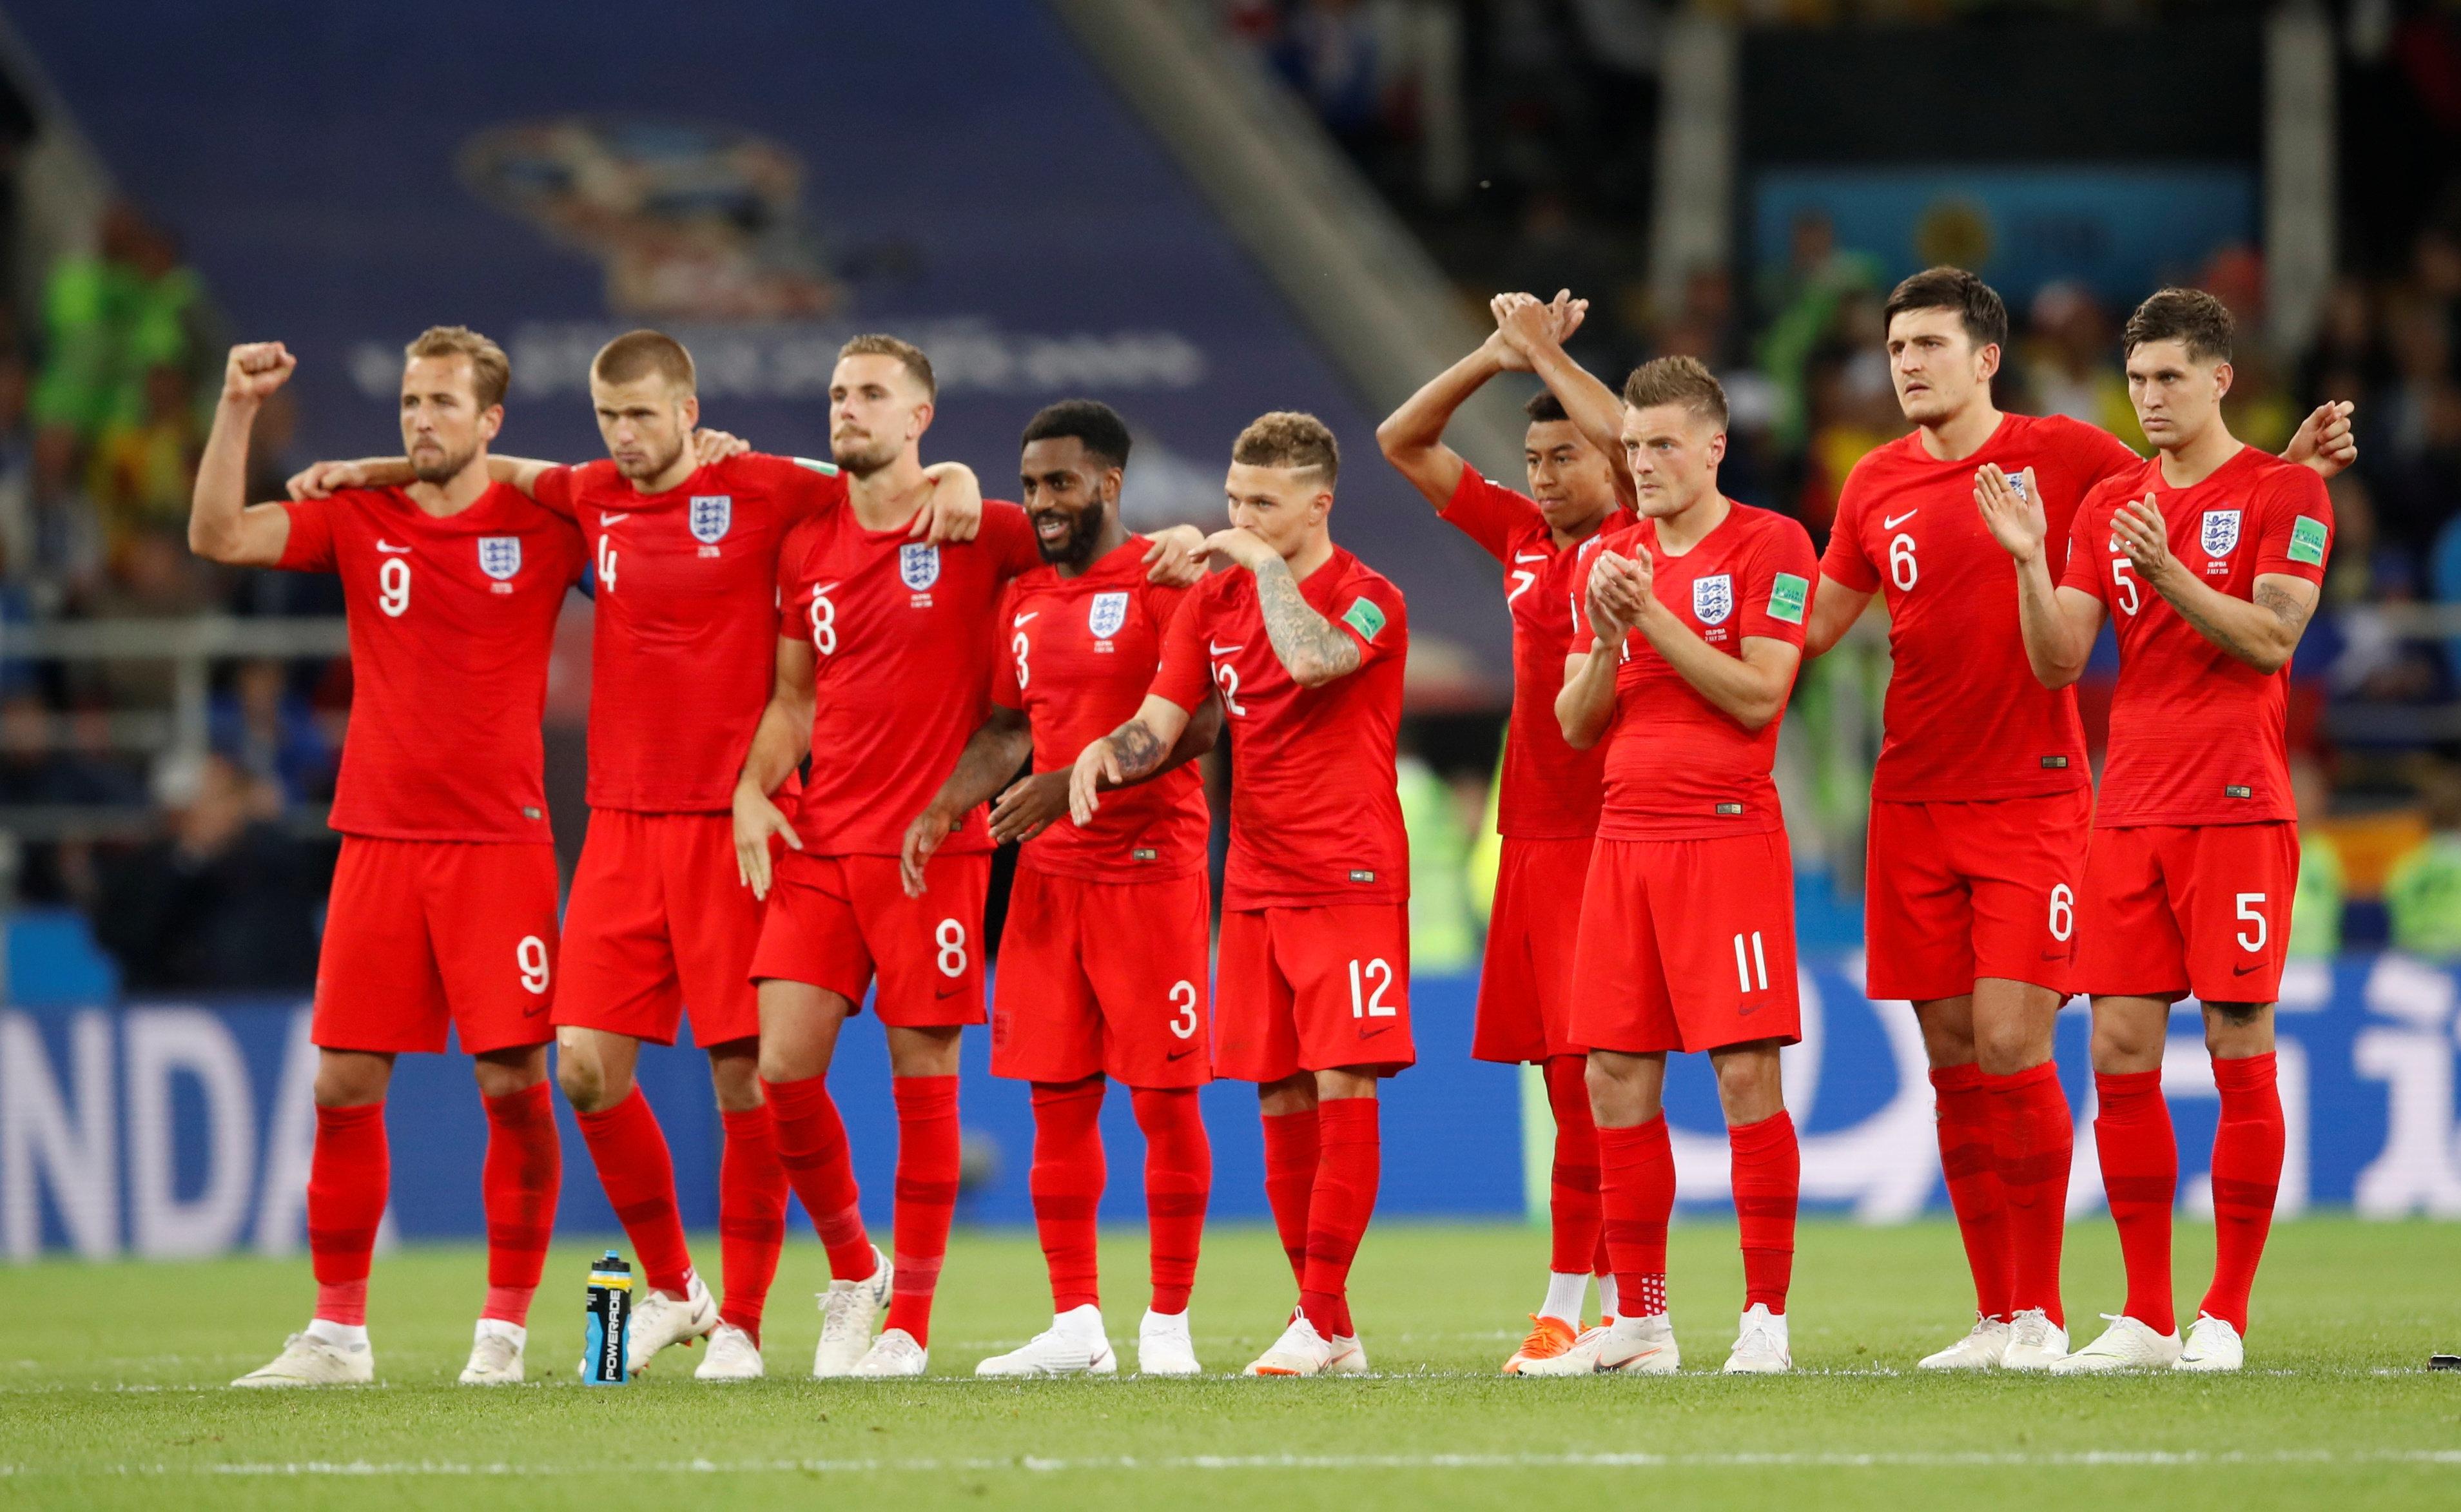 Schweden – England im Live-Stream: Fußball-WM 2018 online